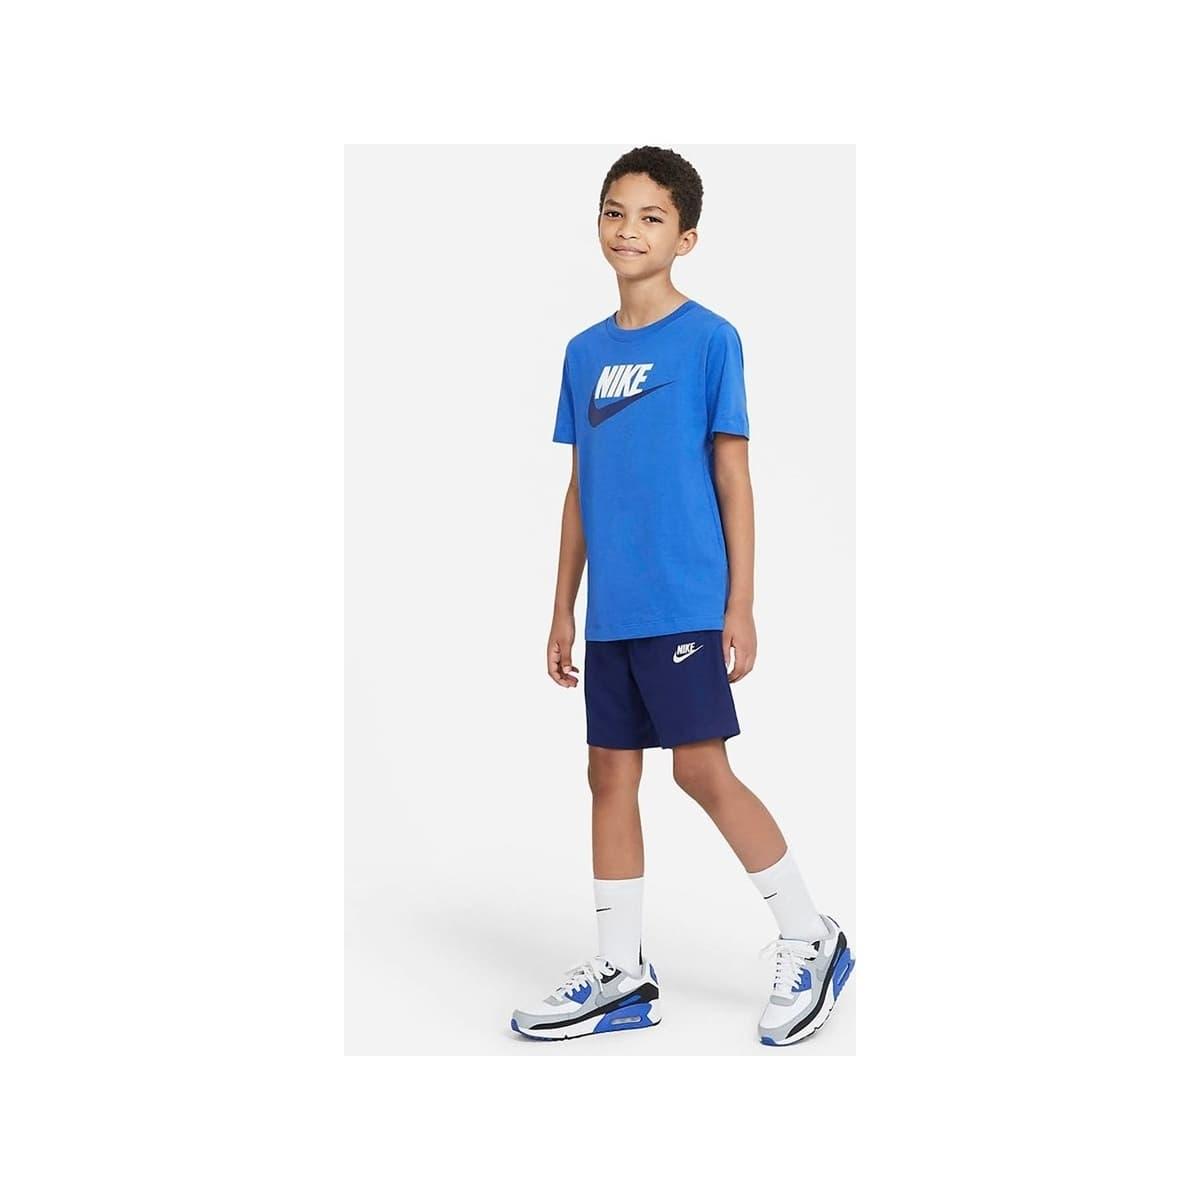 Futura İcon Çocuk Mavi Spor Tişört (AR5252-482)